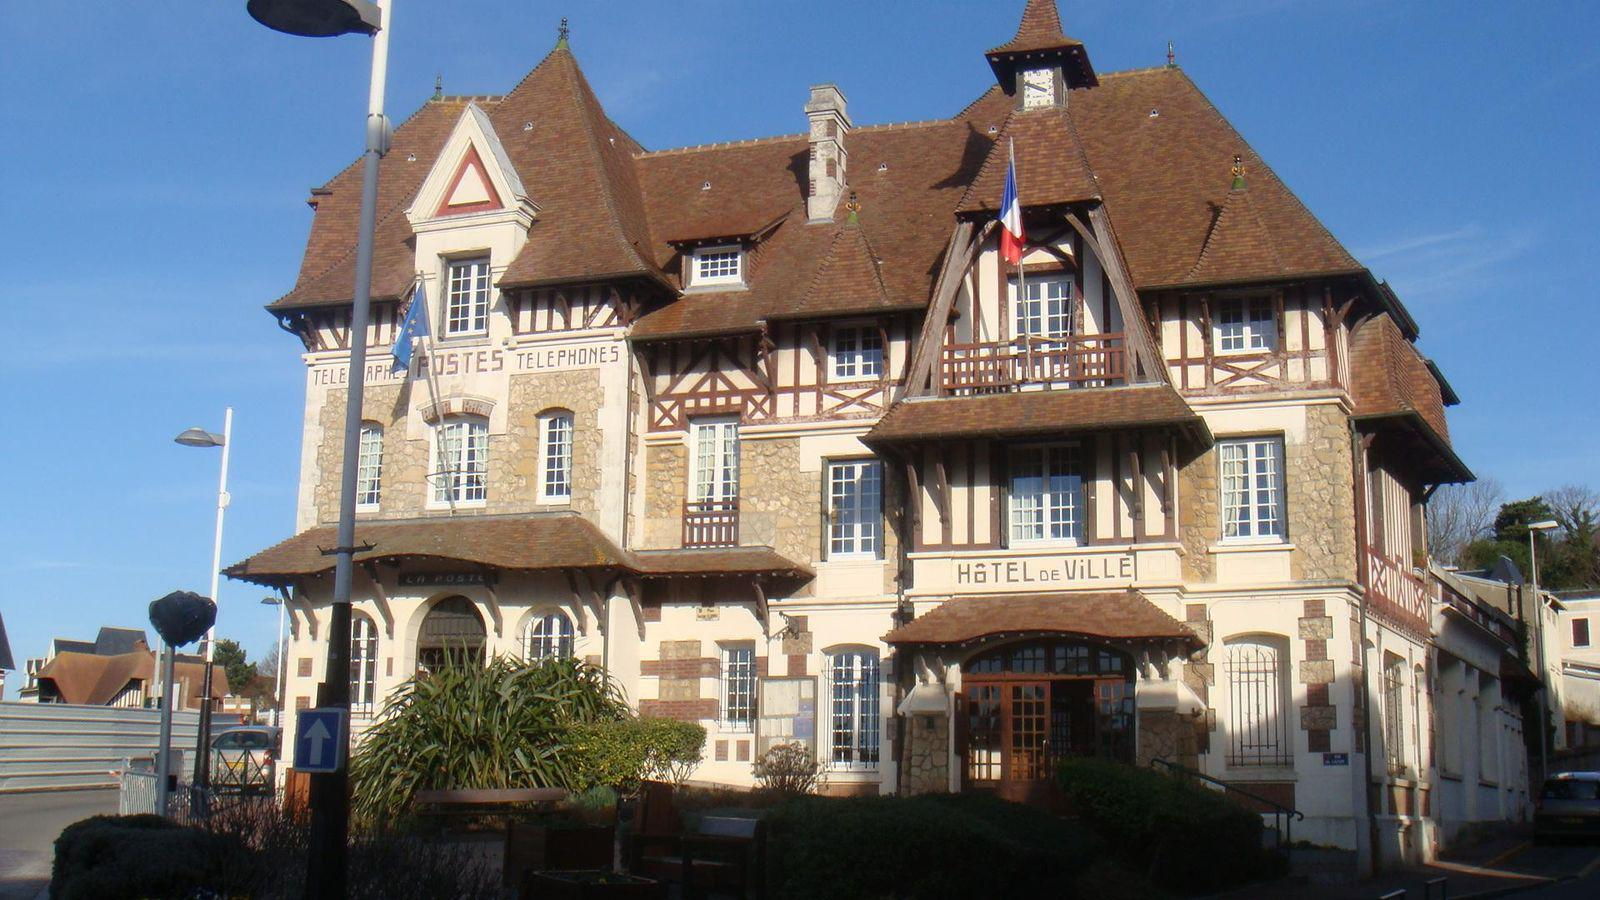 Blonville-sur-Mer